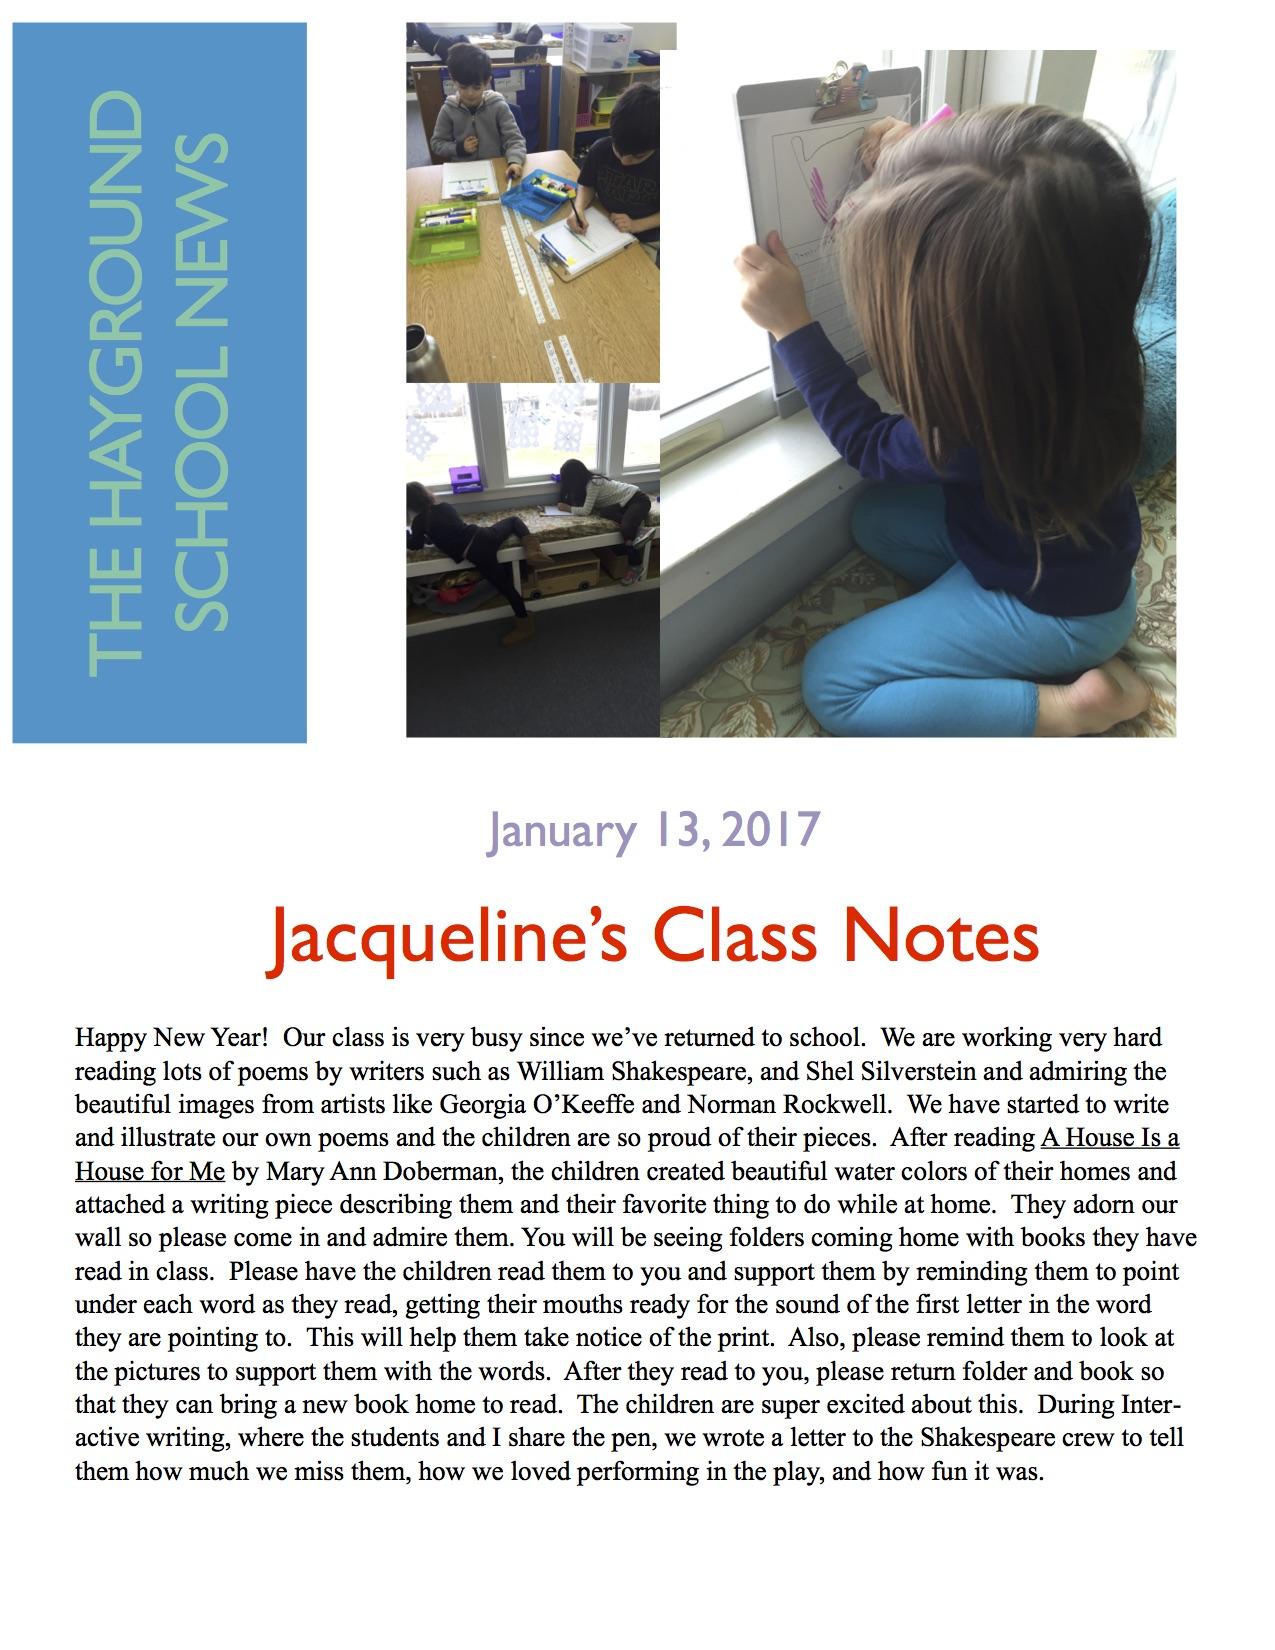 Jacqueline Class Notes 1-13-17 copy.jpg